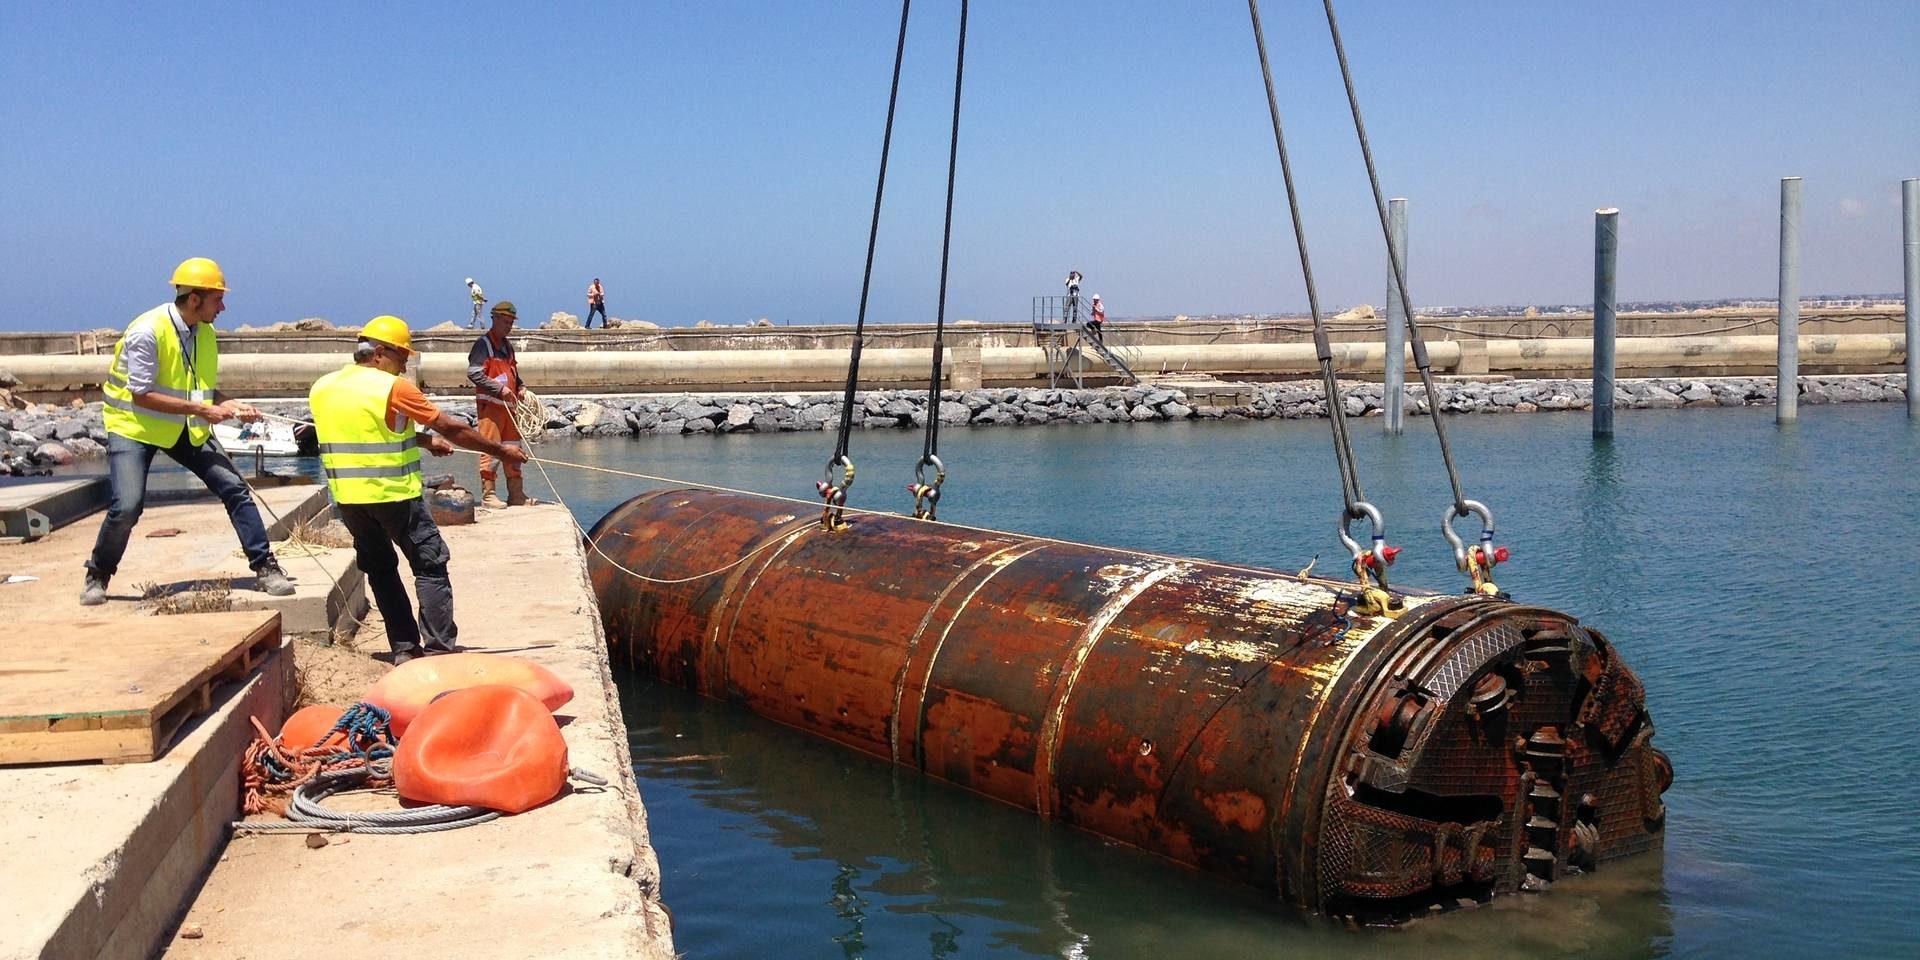 Casablanca - Emissaire de rejet marin des eaux d'épuration de Sidi Bernoussi